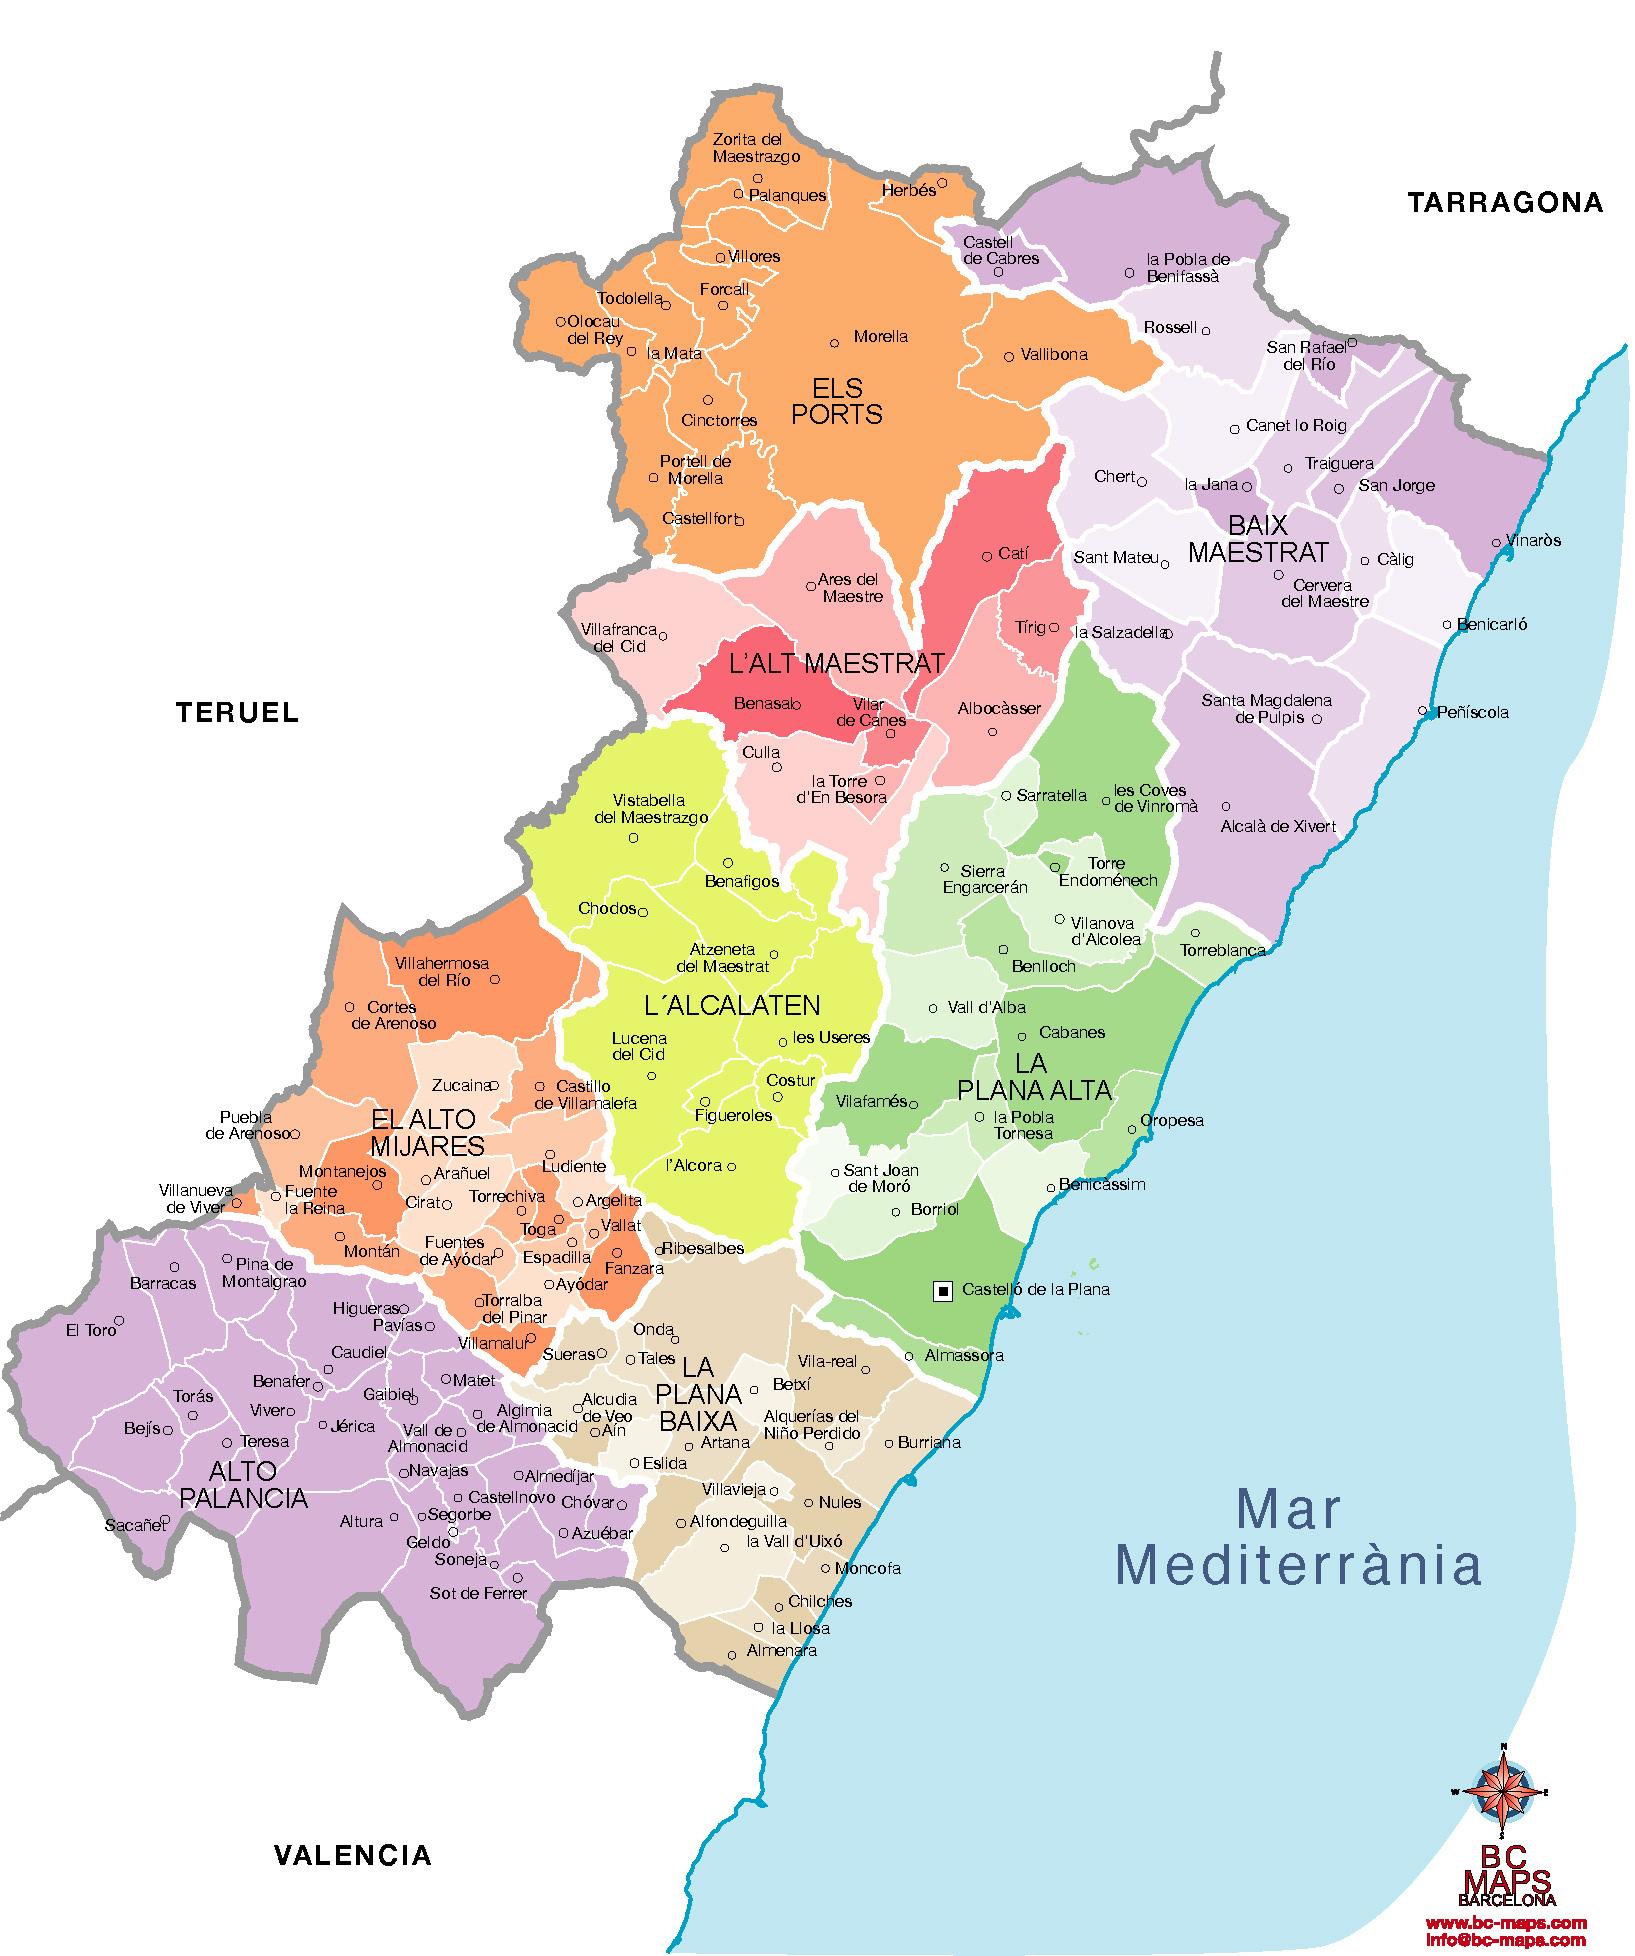 Mapa Provincia Castellon Municipios.Municipios Castellon Provincia Mapas Vectoriales Eps